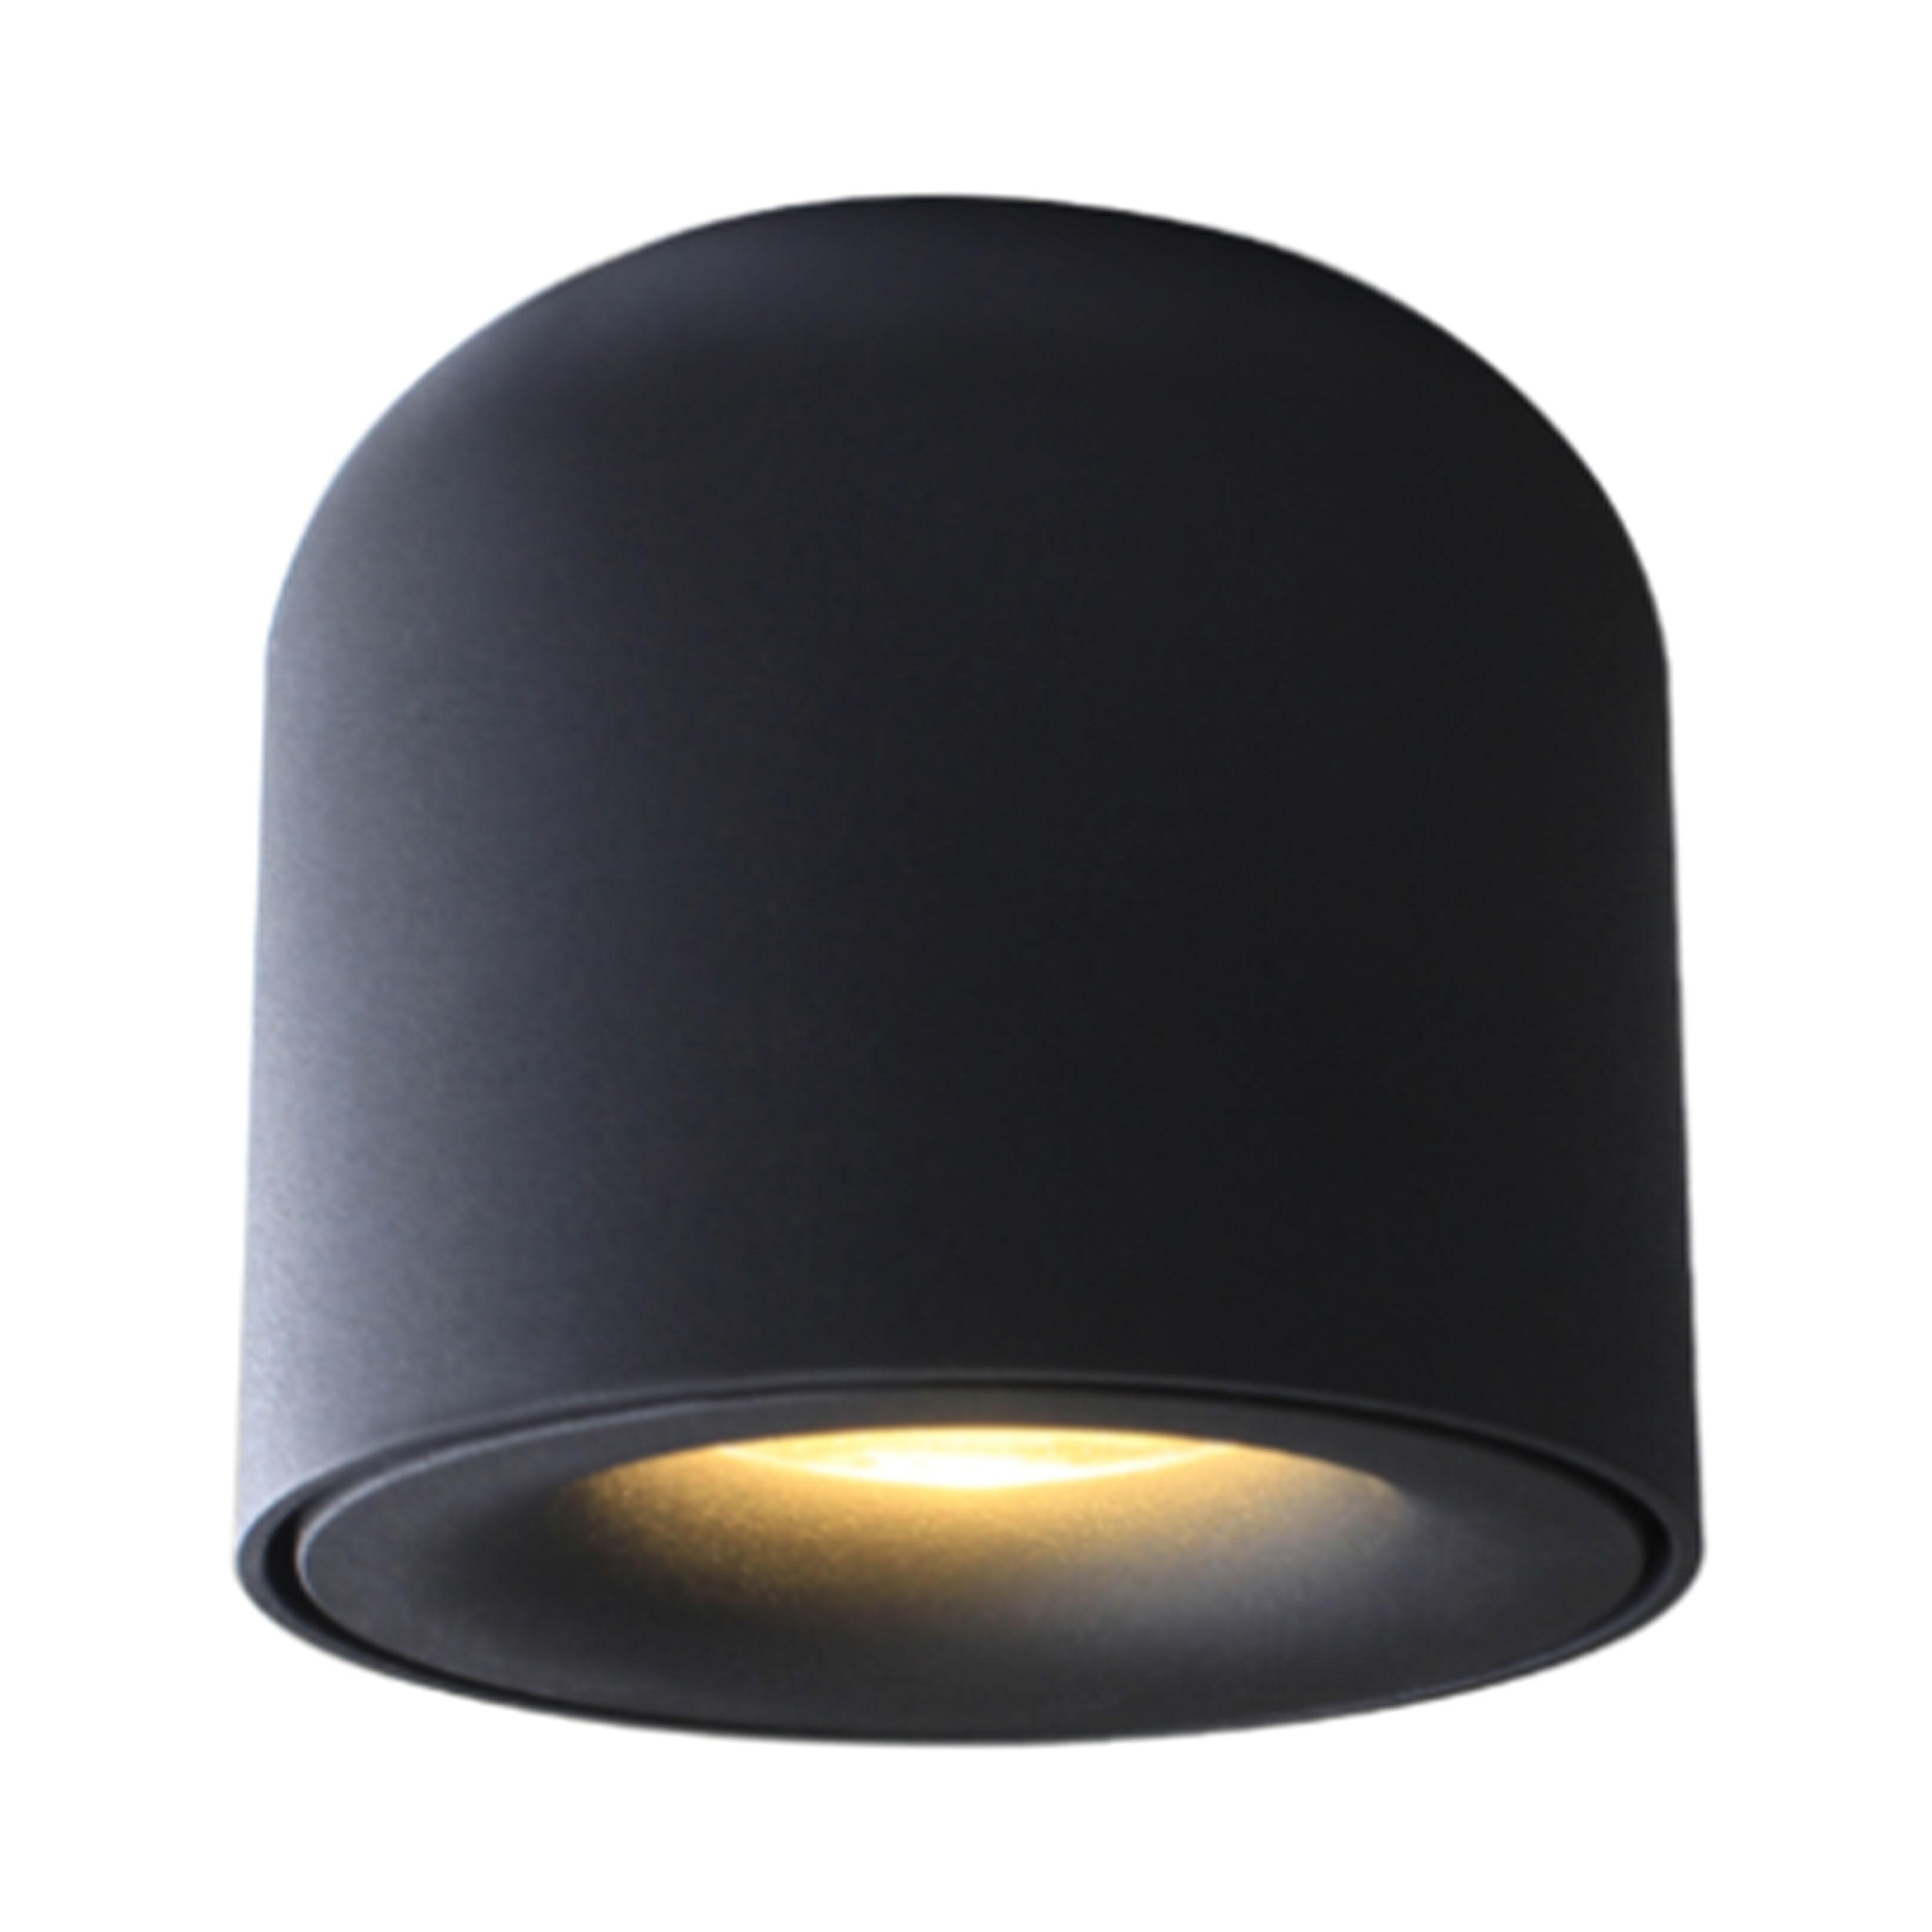 Yeni LED Spotight Projektör Enerji Tasarrufu Lamba Yüzey Montaj Nordic Stil Çok Renkli Alüminyum Cree Cips Ev Ticari Damla Nakliye